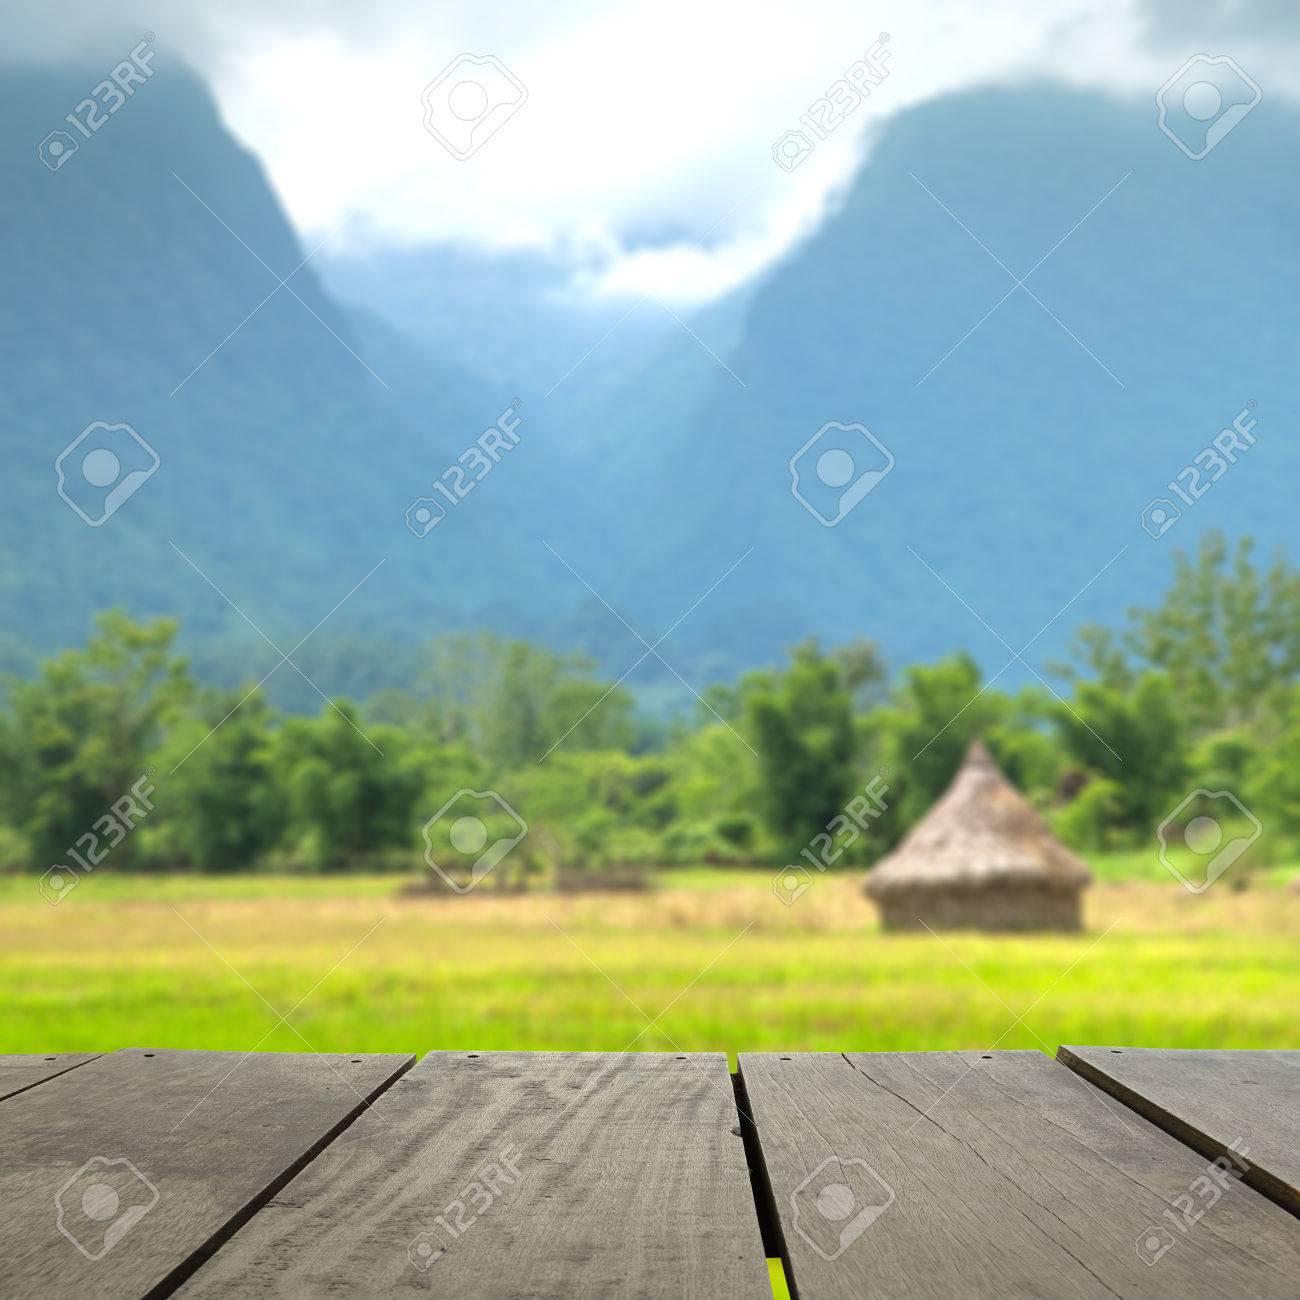 Imagen De Desenfoque Y La Falta De Definición De La Madera Terraza Y Campo De Arroz Medio De La Montaña Para El Uso Del Fondo